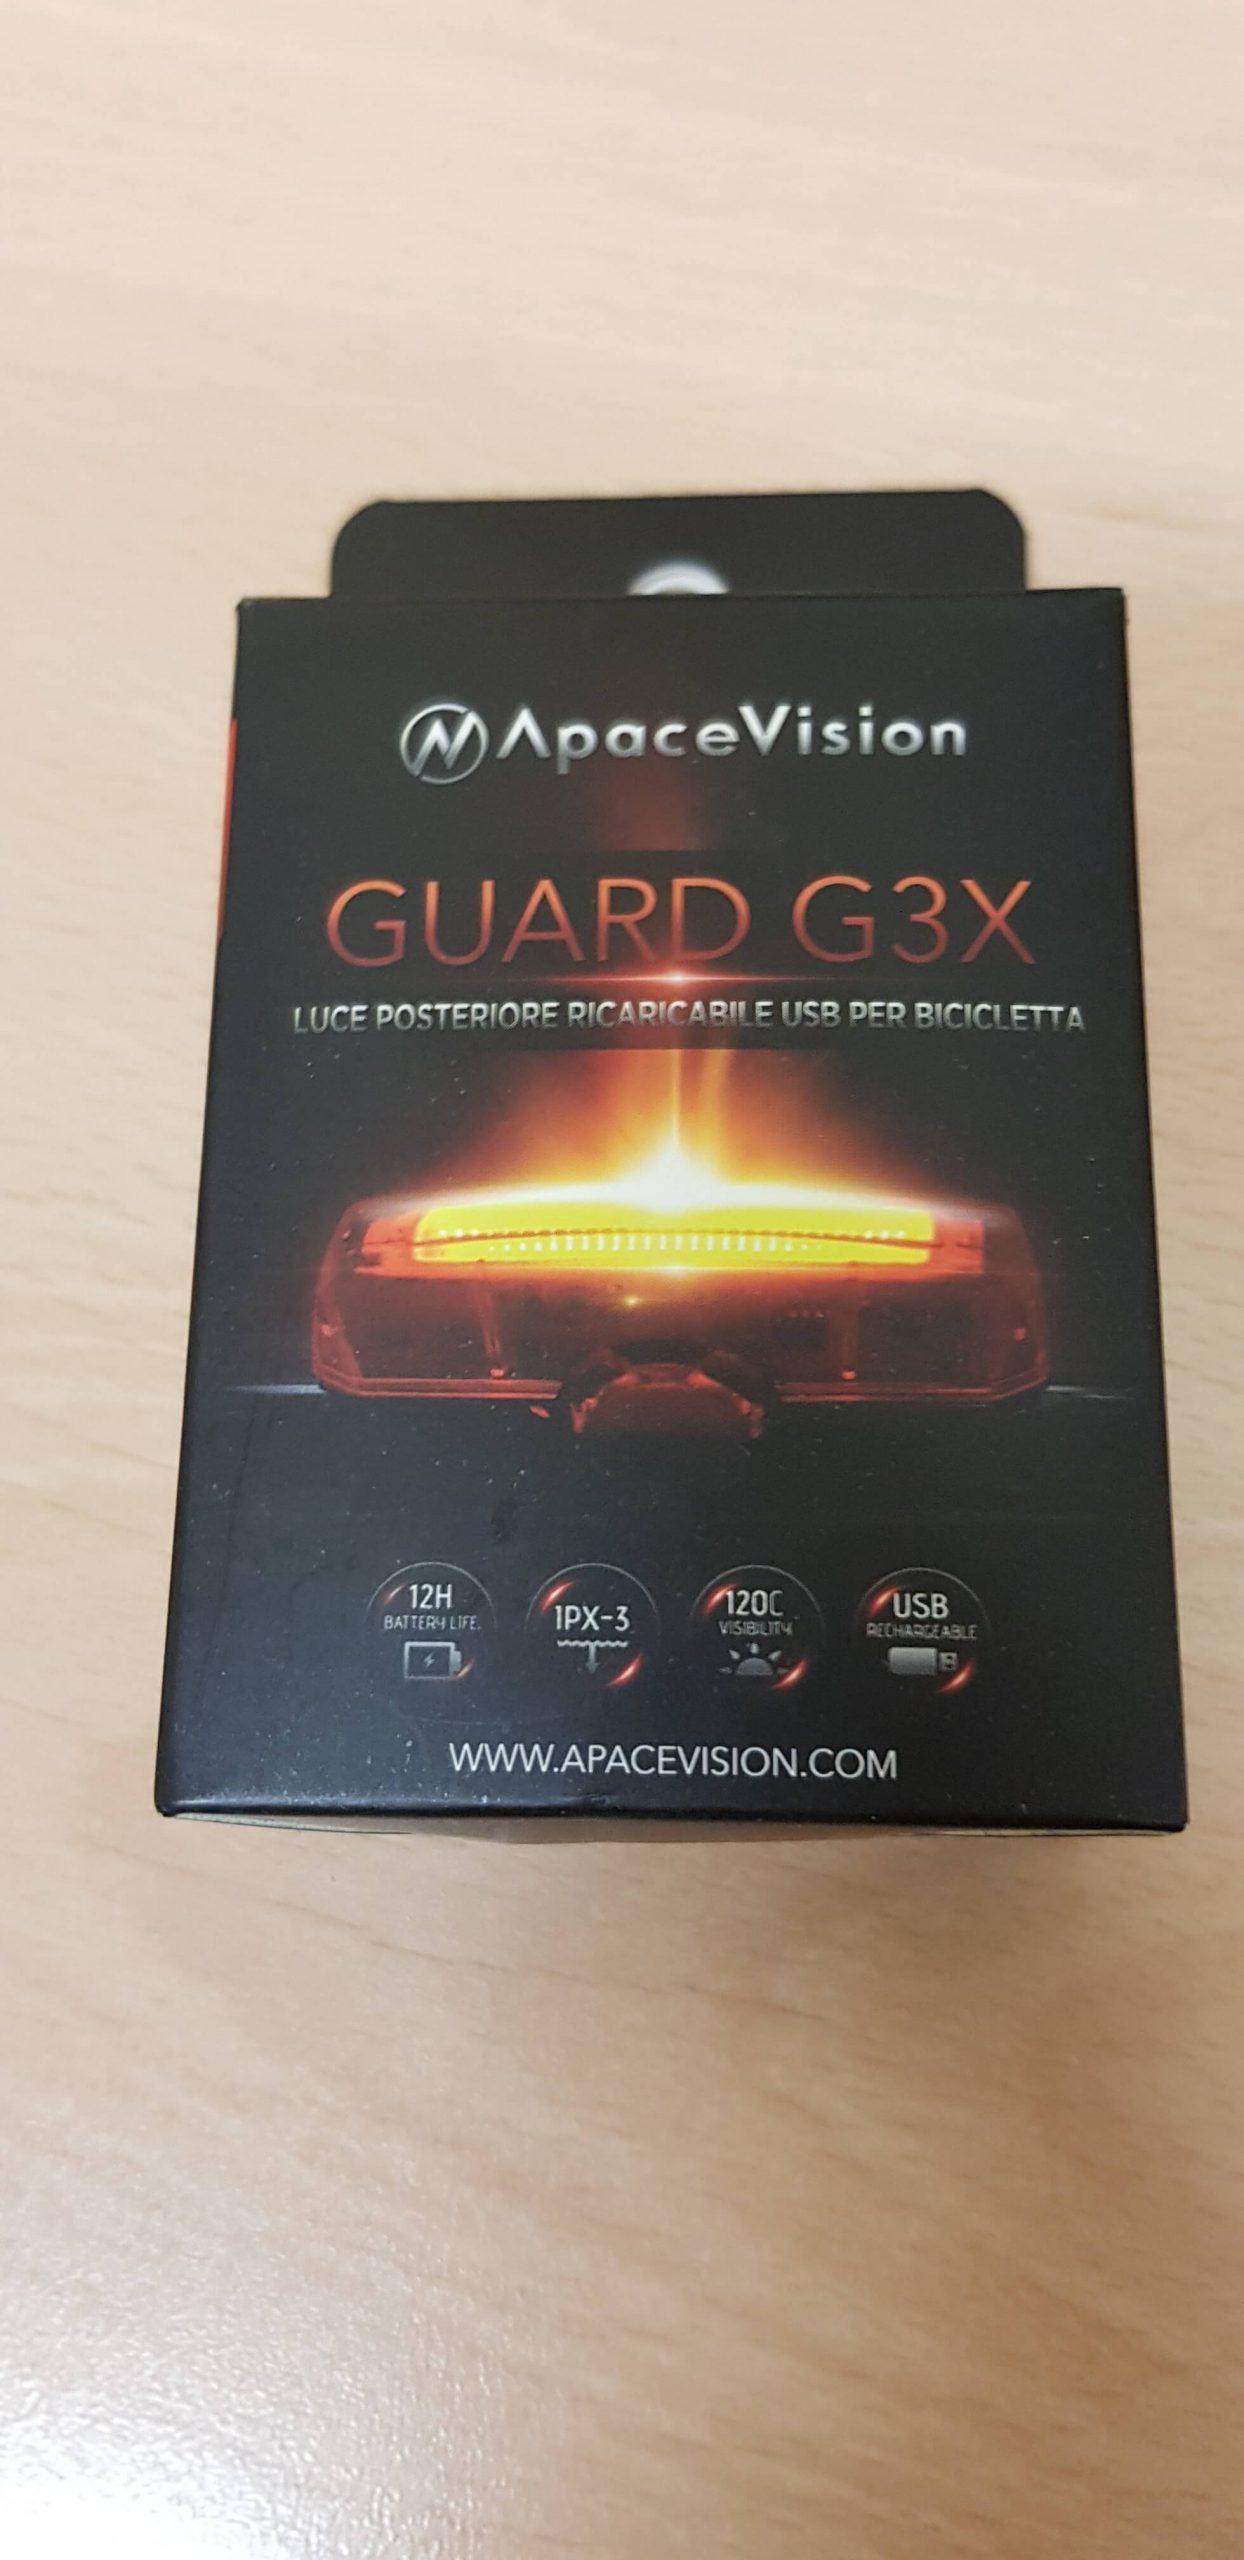 Luce posteriore led ApaceVision GuardG3X - confezione fronte